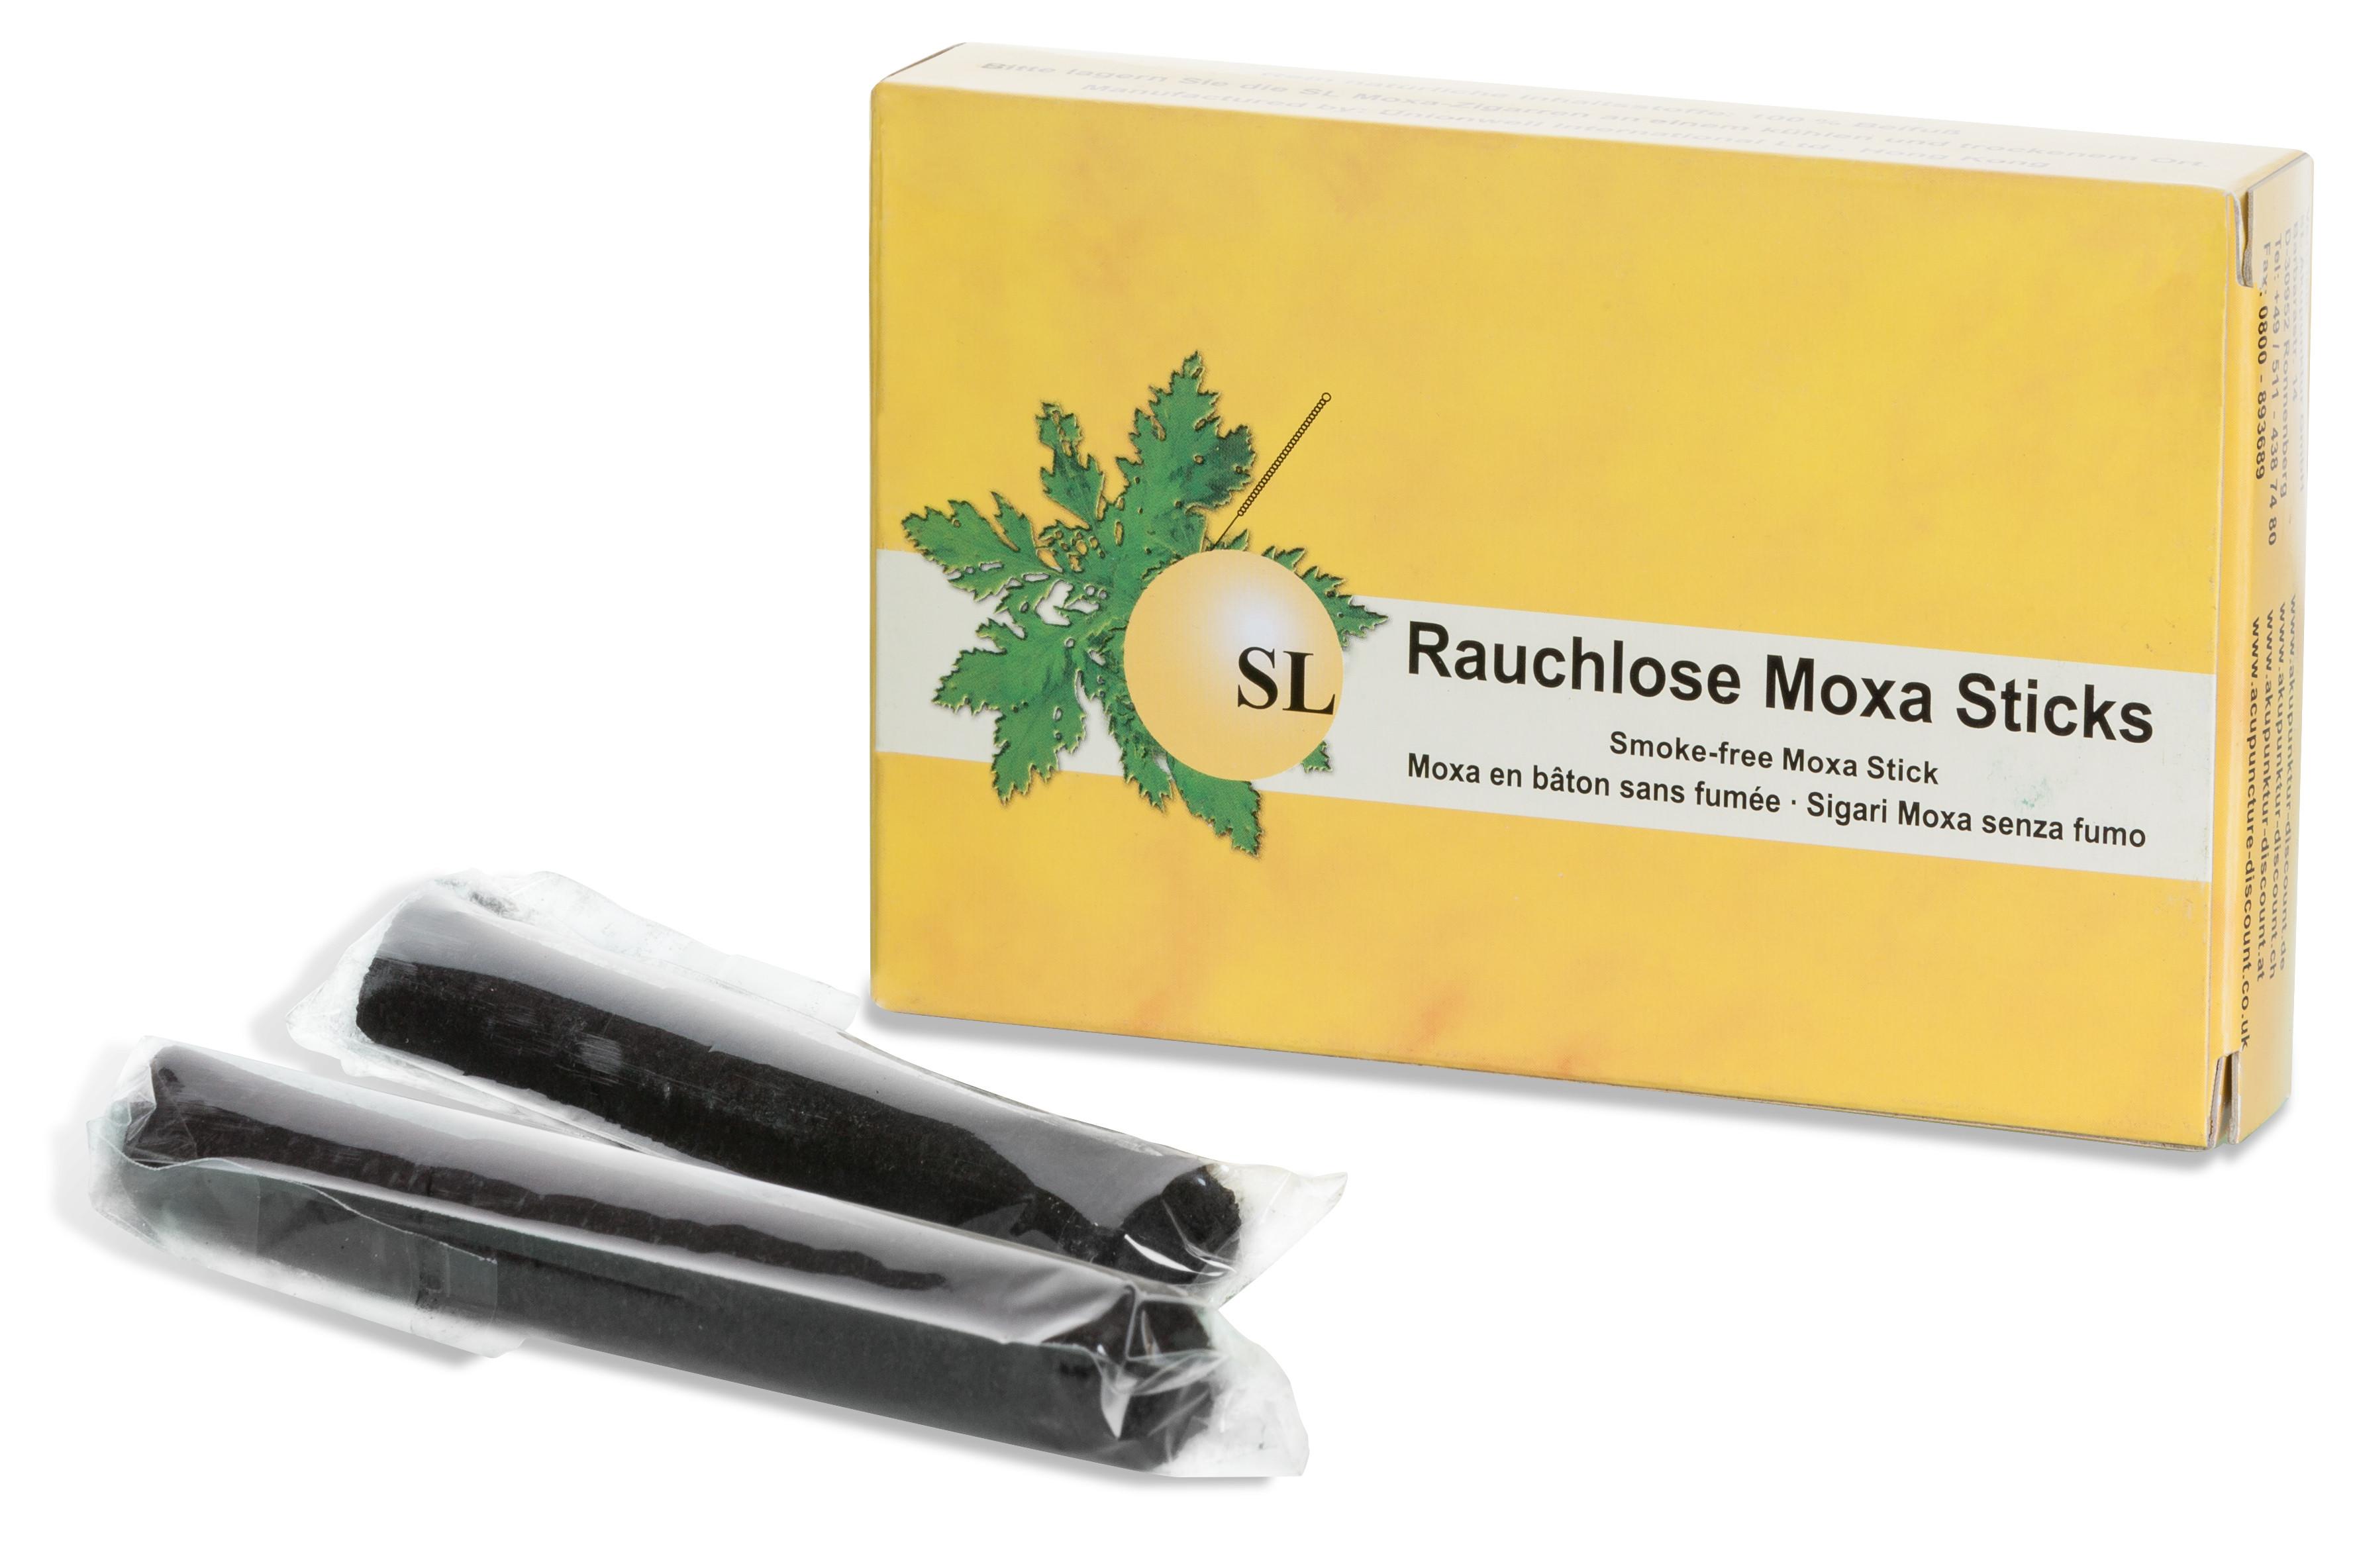 Moxa-Sticks, rauchlos